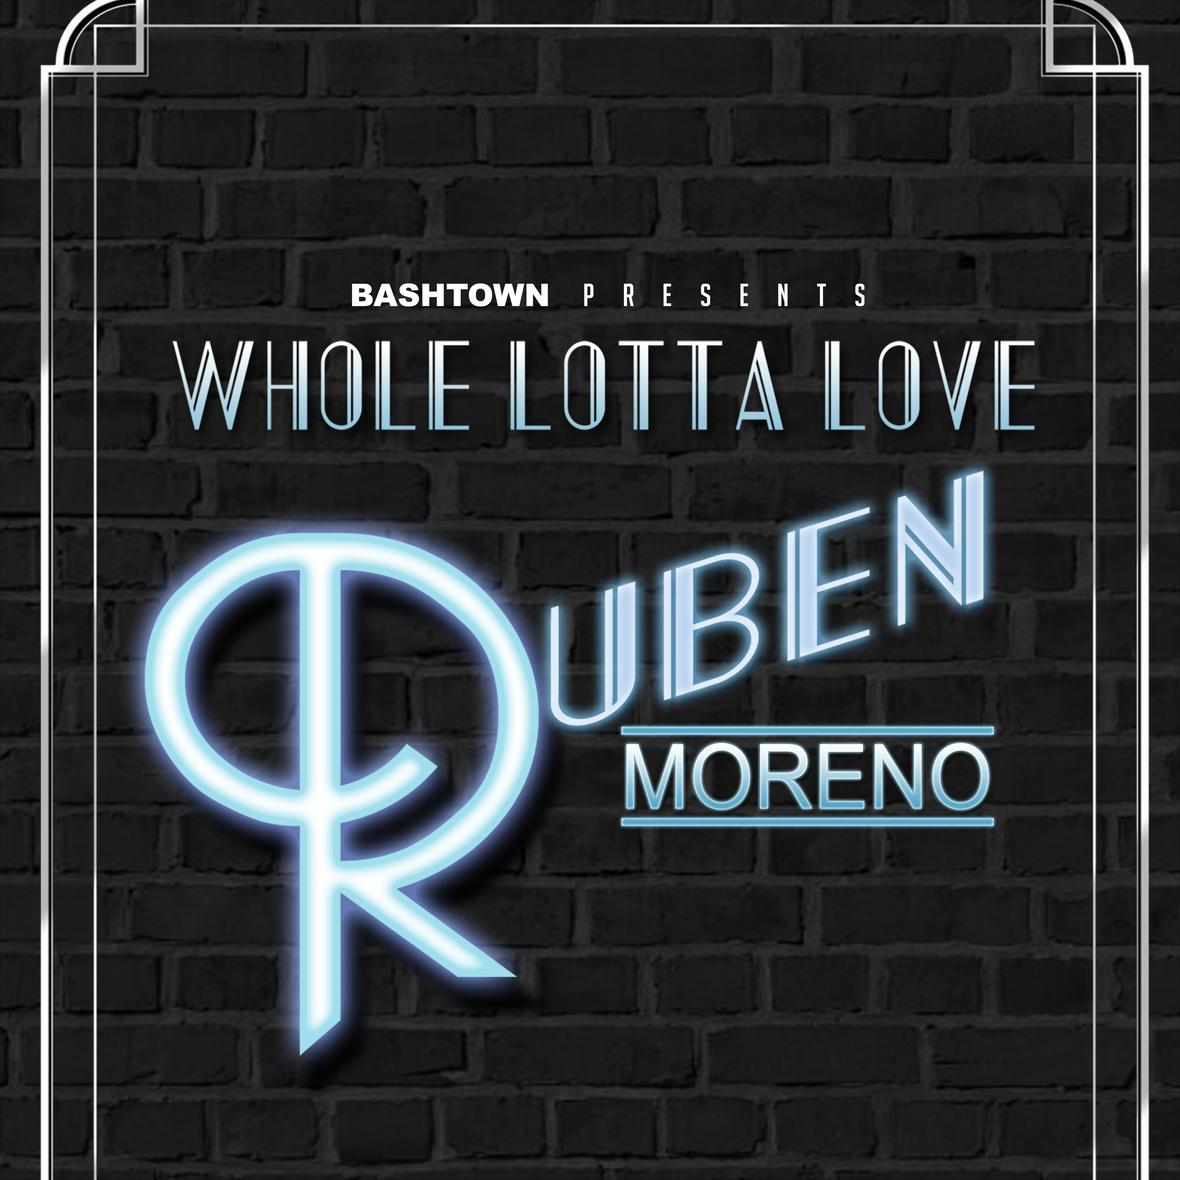 Ruben Moreno - Whole Lotta Love - Cover Art - 5000